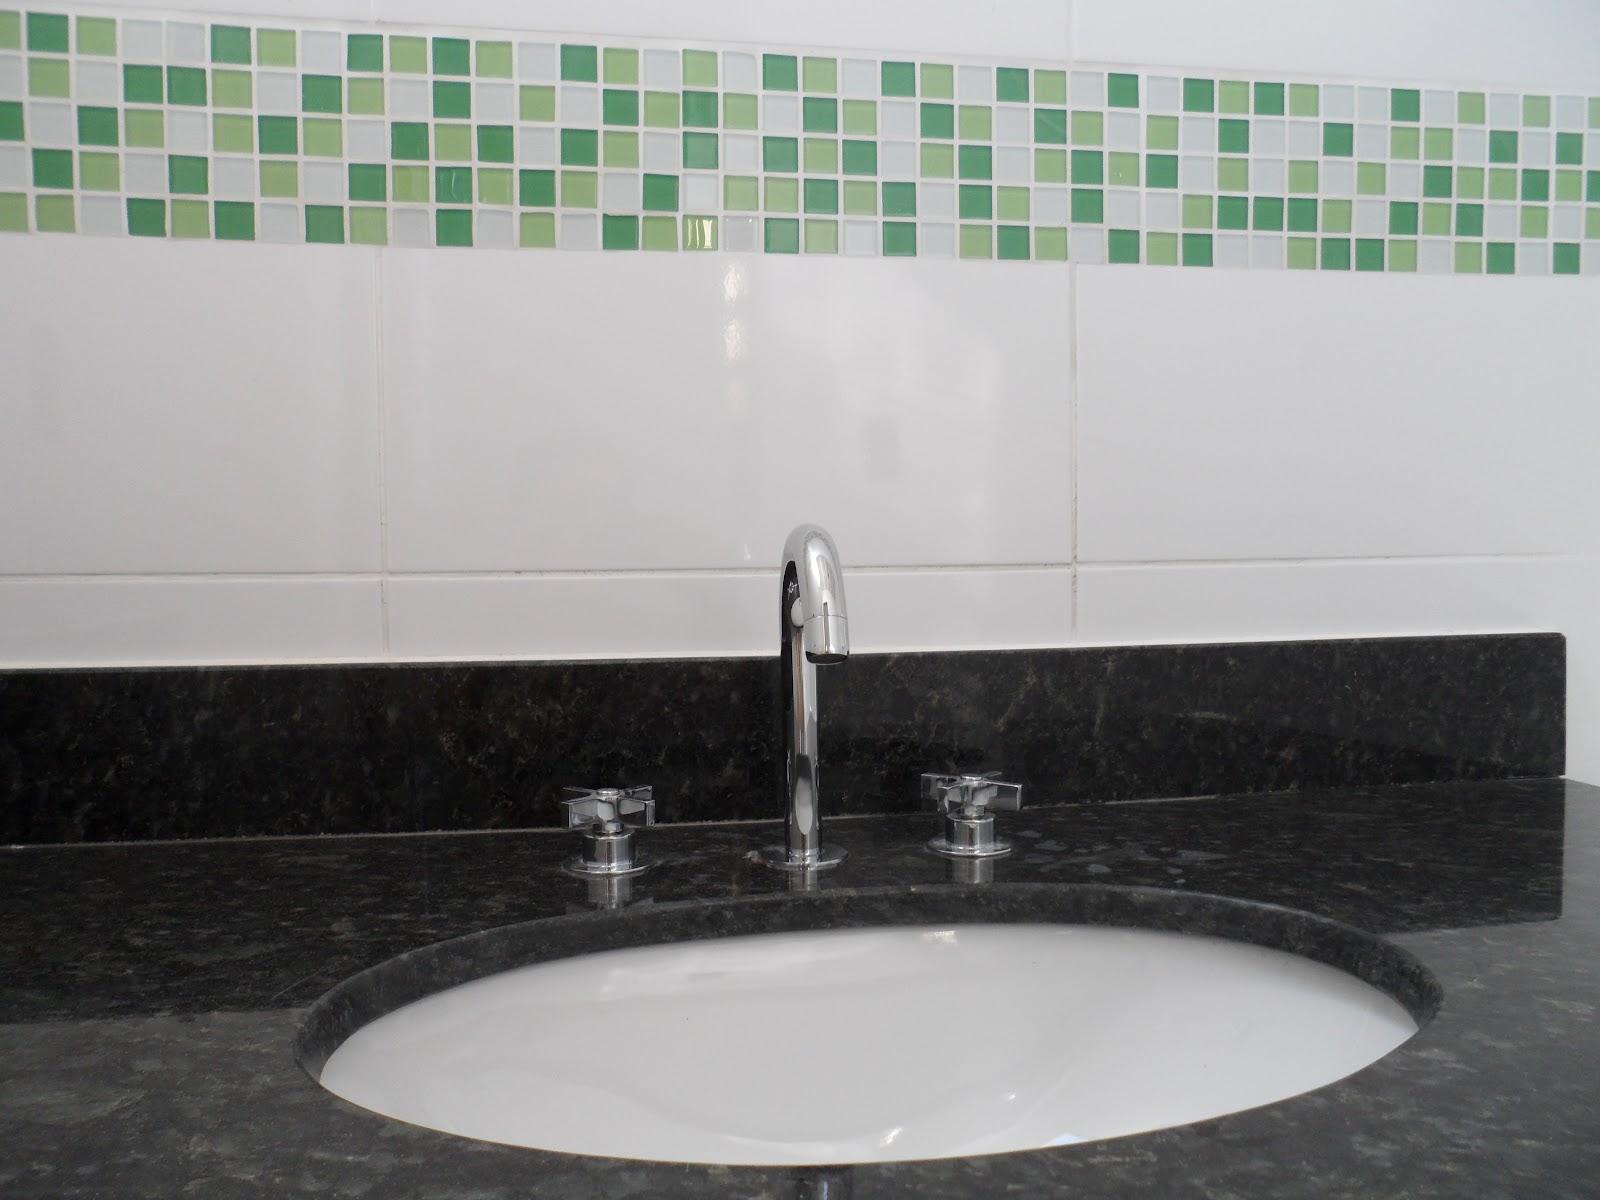 DIÁRIO DE CONSTRUÇÃO DE UMA CASA PEQUENA: REVISÃO DA SEMANA  #4F7C5F 1600x1200 Banheiro Com Blindex Preto